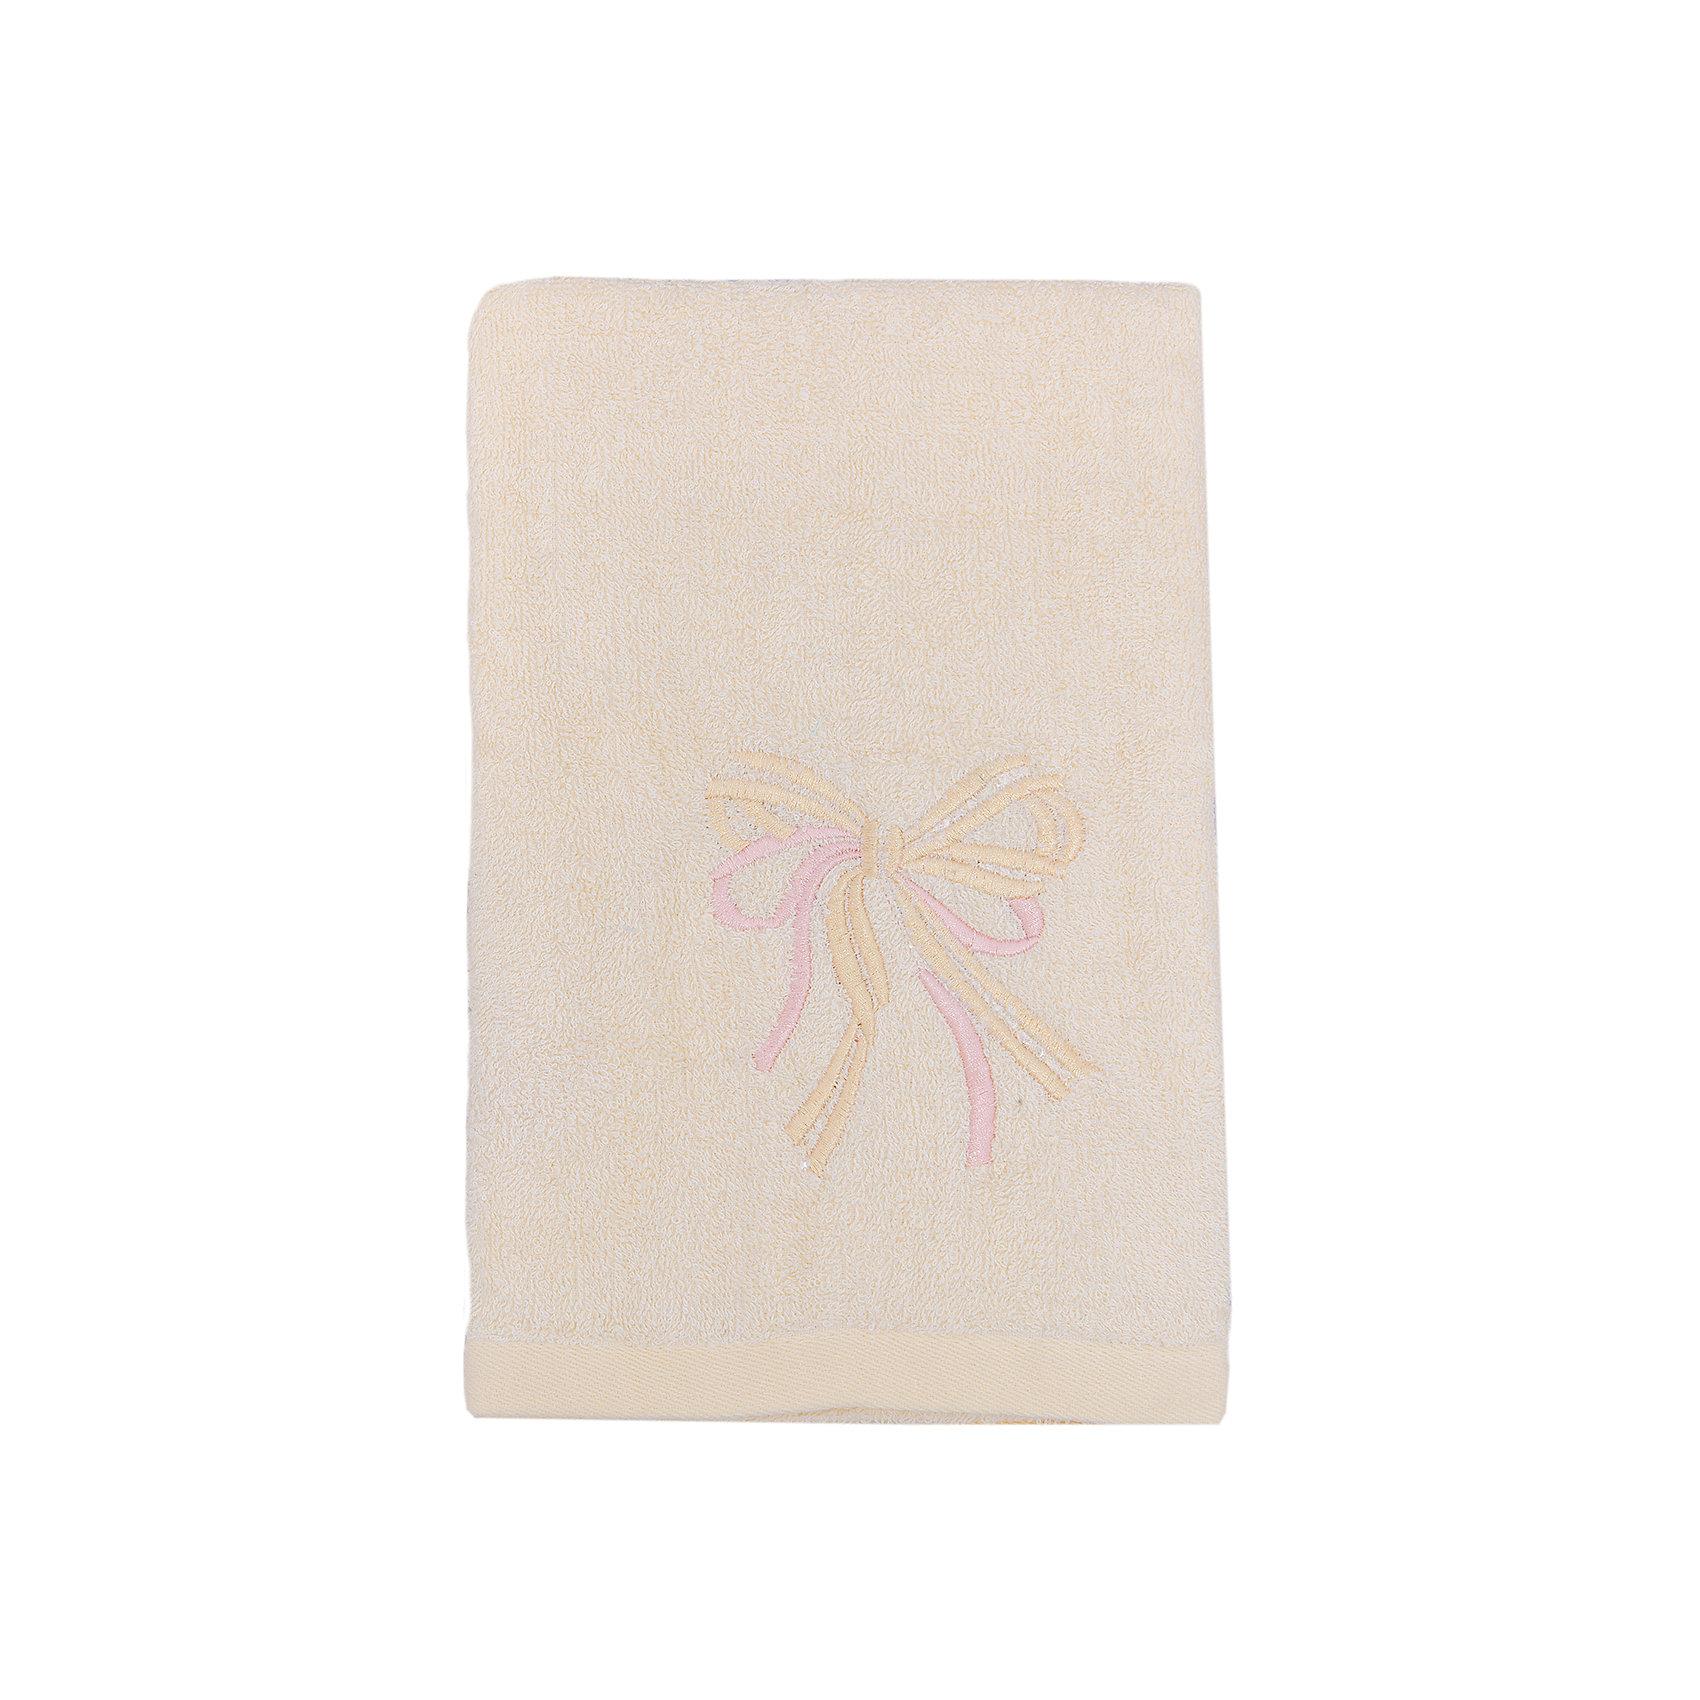 Полотенце махровое Бантик 60*130, Любимый дом, молочныйВанная комната<br>Махровое полотенце Бантик изготовлено из качественного хлопка. Отлично впитывает влагу, сохраняет цвет после стирок и дарит вашей коже комфорт после водных процедур. Полотенце украшено вышивкой в виде бантиков. <br><br>Дополнительная информация:<br>Цвет: молочный<br>Материал: 100% хлопок<br>Размер: 60х130 см<br>Торговая марка: Любимый дом<br><br>Купить махровое полотенце Бантик можно в нашем интернет-магазине.<br><br>Ширина мм: 500<br>Глубина мм: 500<br>Высота мм: 200<br>Вес г: 300<br>Возраст от месяцев: 0<br>Возраст до месяцев: 144<br>Пол: Унисекс<br>Возраст: Детский<br>SKU: 5010965